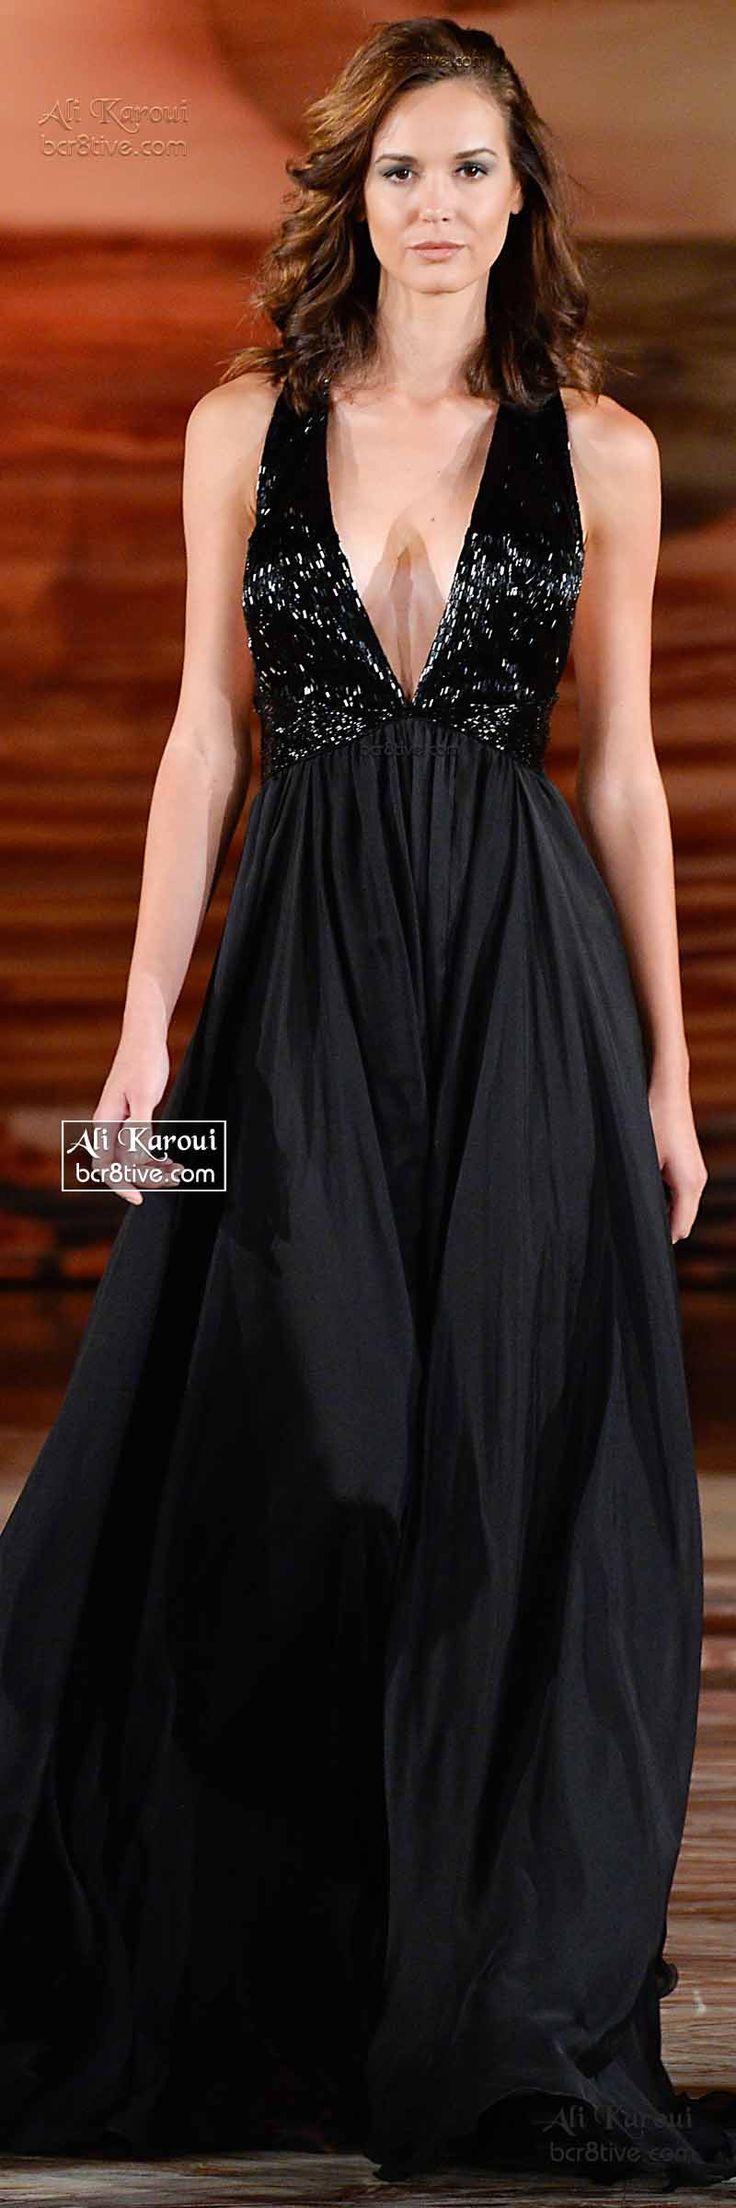 Ali Karoui Fall 2014 Couture